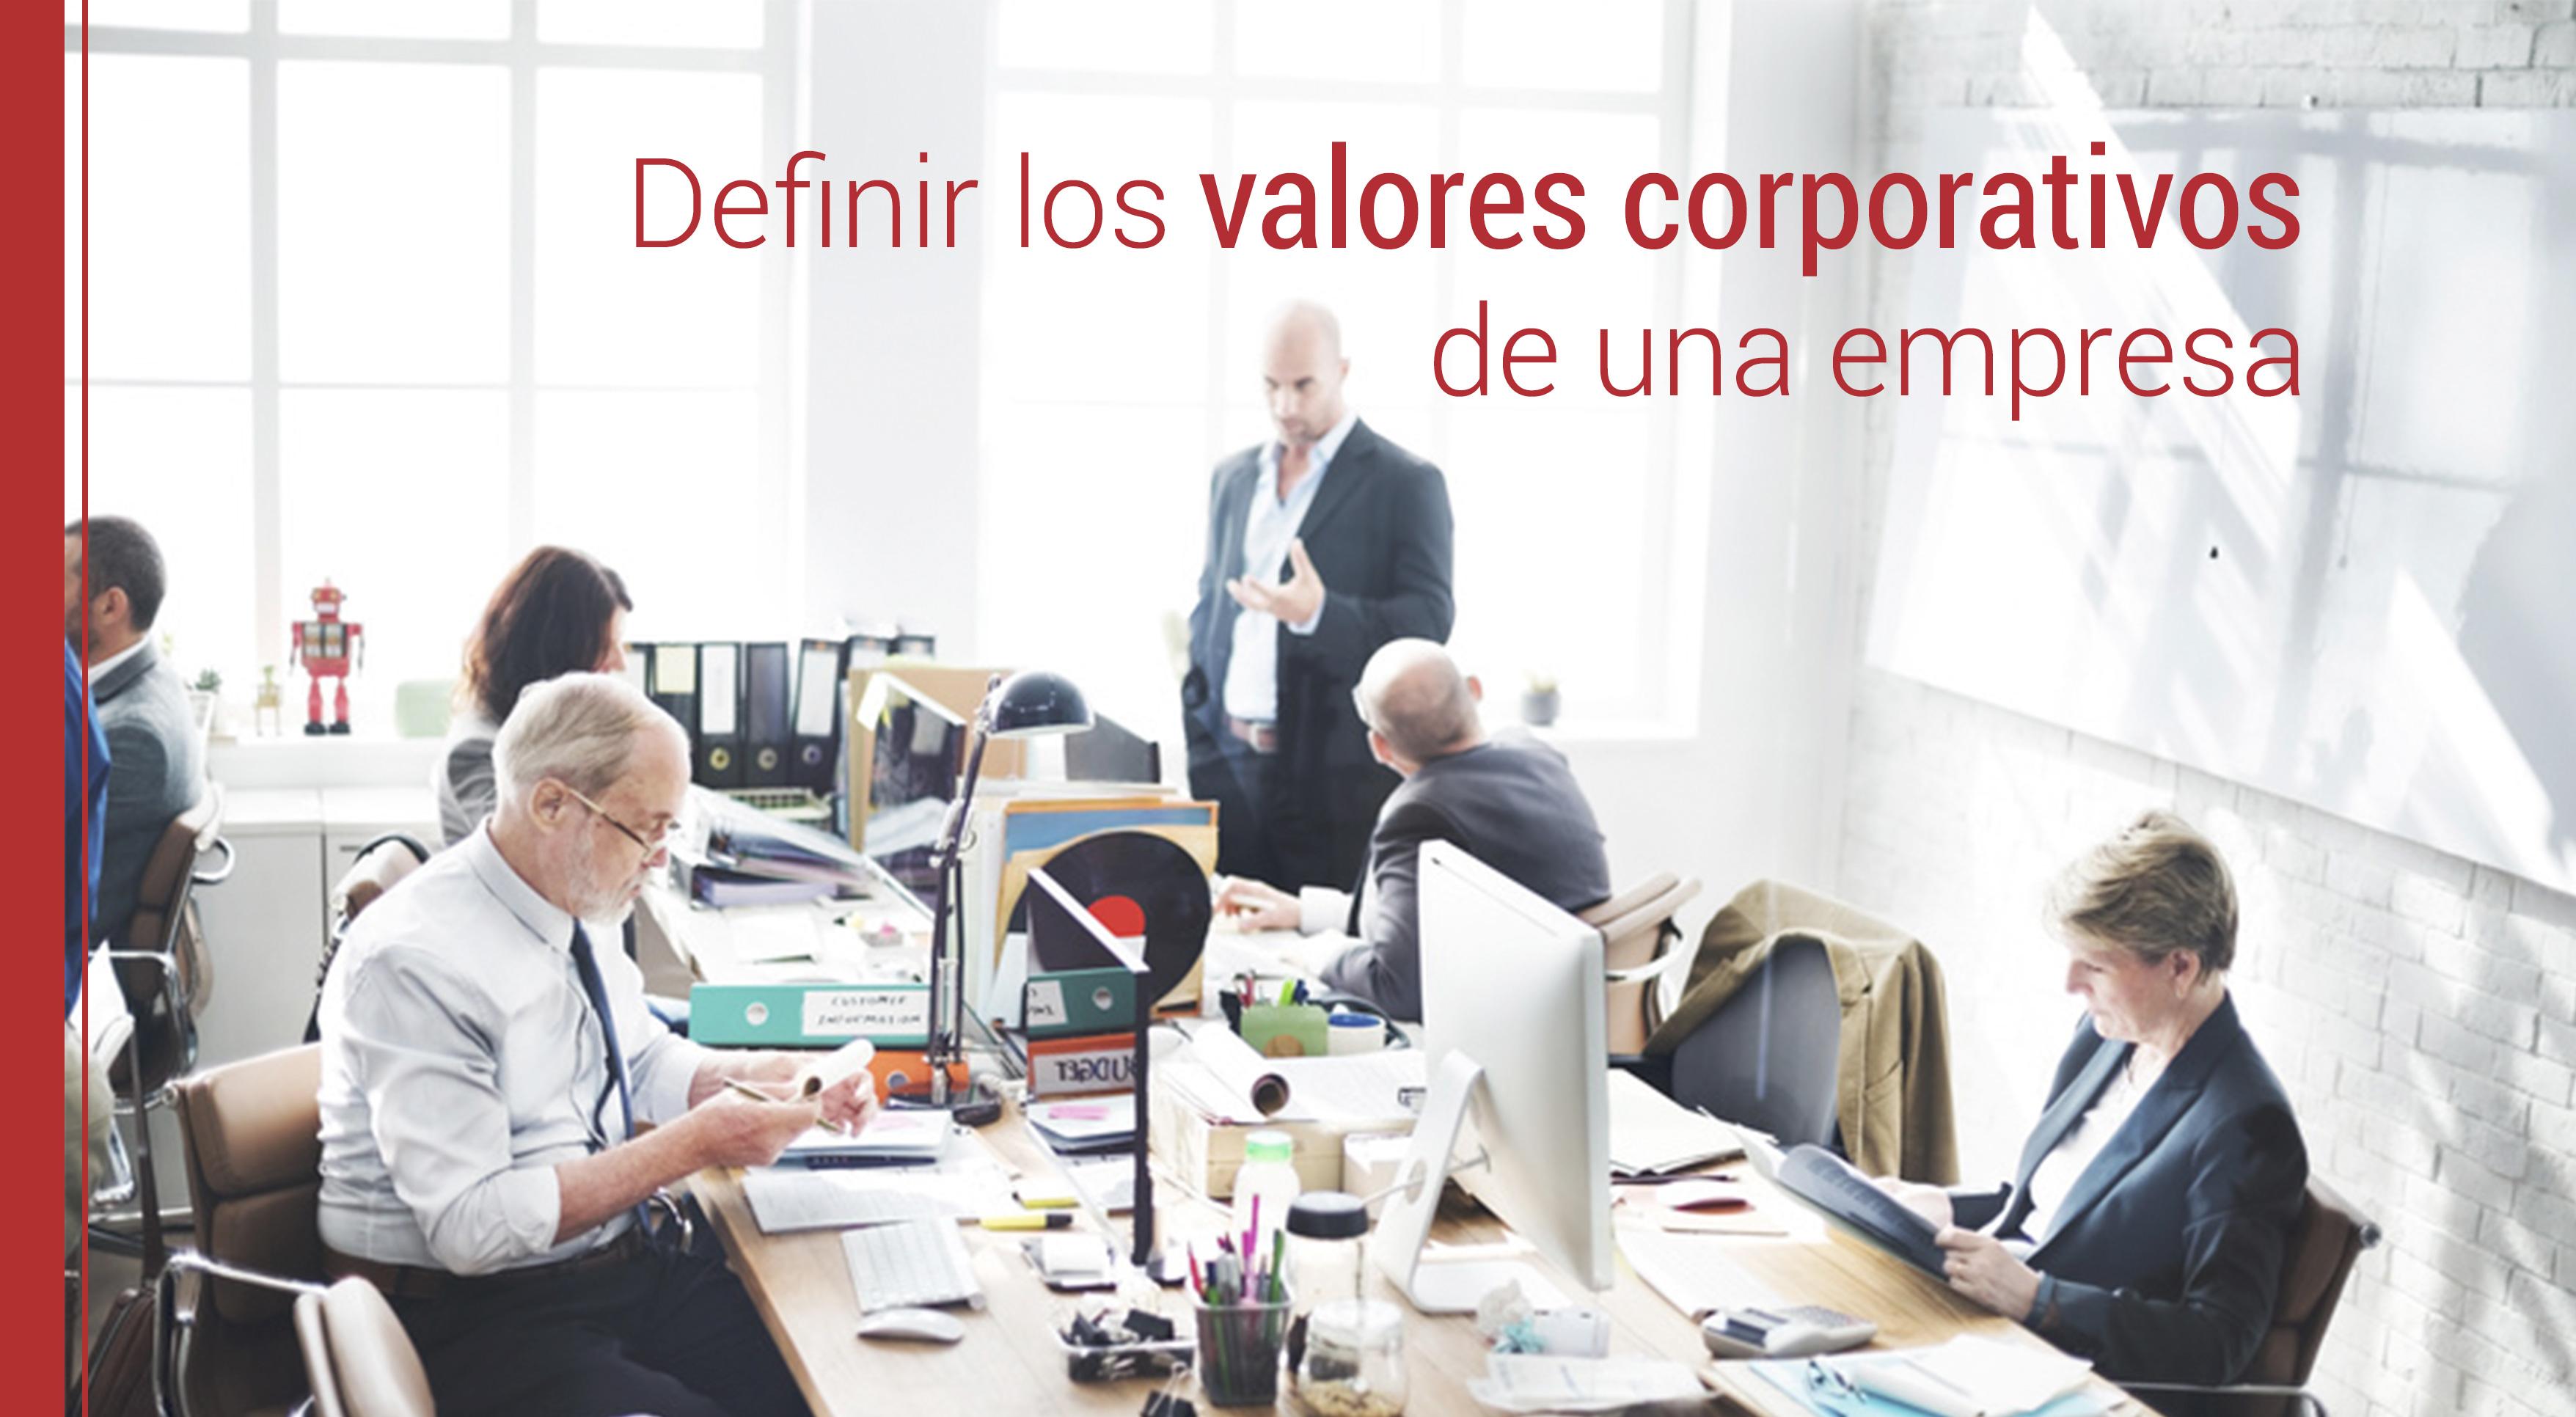 definir-valores-corporativos-empresa Cómo definir los valores corporativos de una empresa